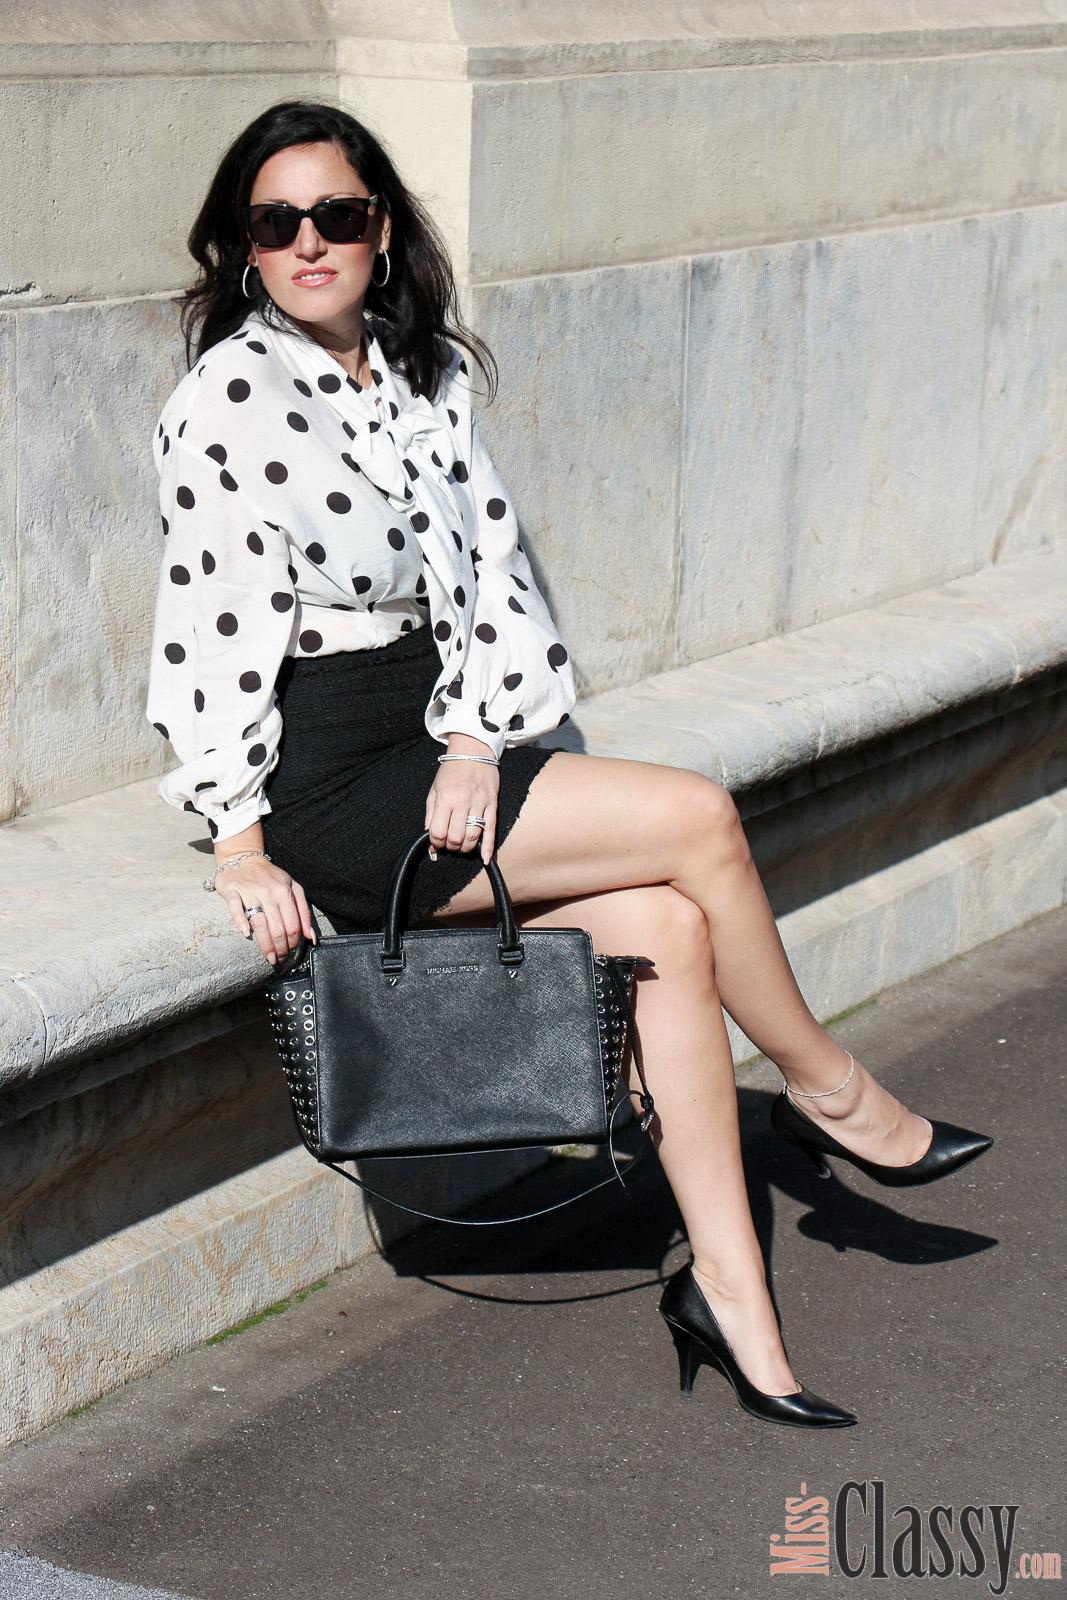 OUTFIT: Polka Dot Bluse mit kurzem Rock im Business Style, Miss Classy, Grazer Fashion Blog, Lifestyle Blog, Blogger Graz, classy Fashion, Polka Dot Bluse, kurzer schwarzer Rock aus Strukturstoff, H&M, Pumps, Sonnenbrille von Burberry, Handtasche Selma Grommet von Michael Kors